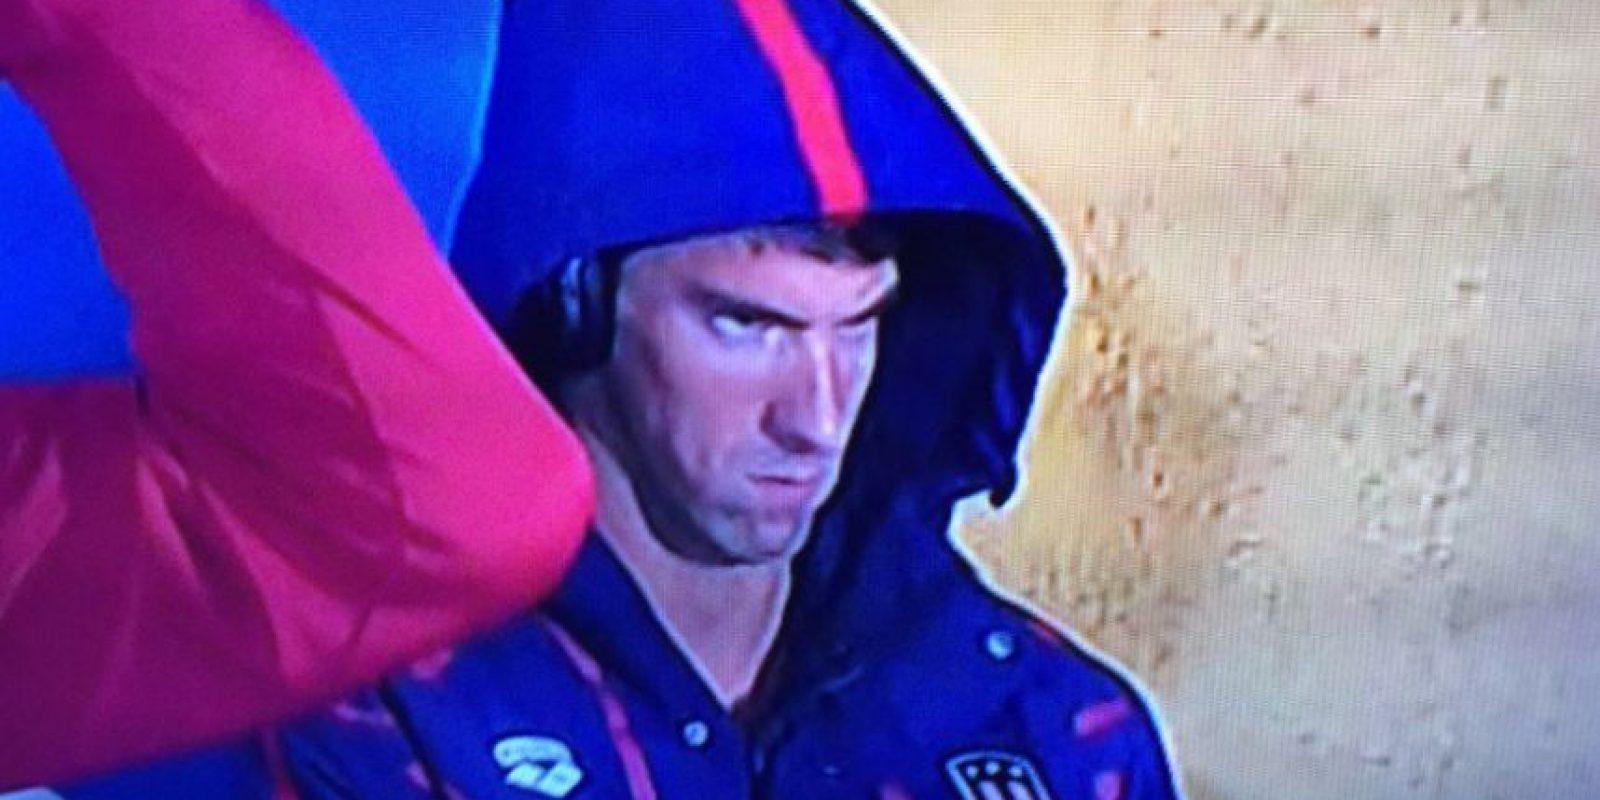 El primer gran meme de Rio 2016 fue esta cara de enfado de Michael Phelops. Foto:Vía twitter.com. Imagen Por: